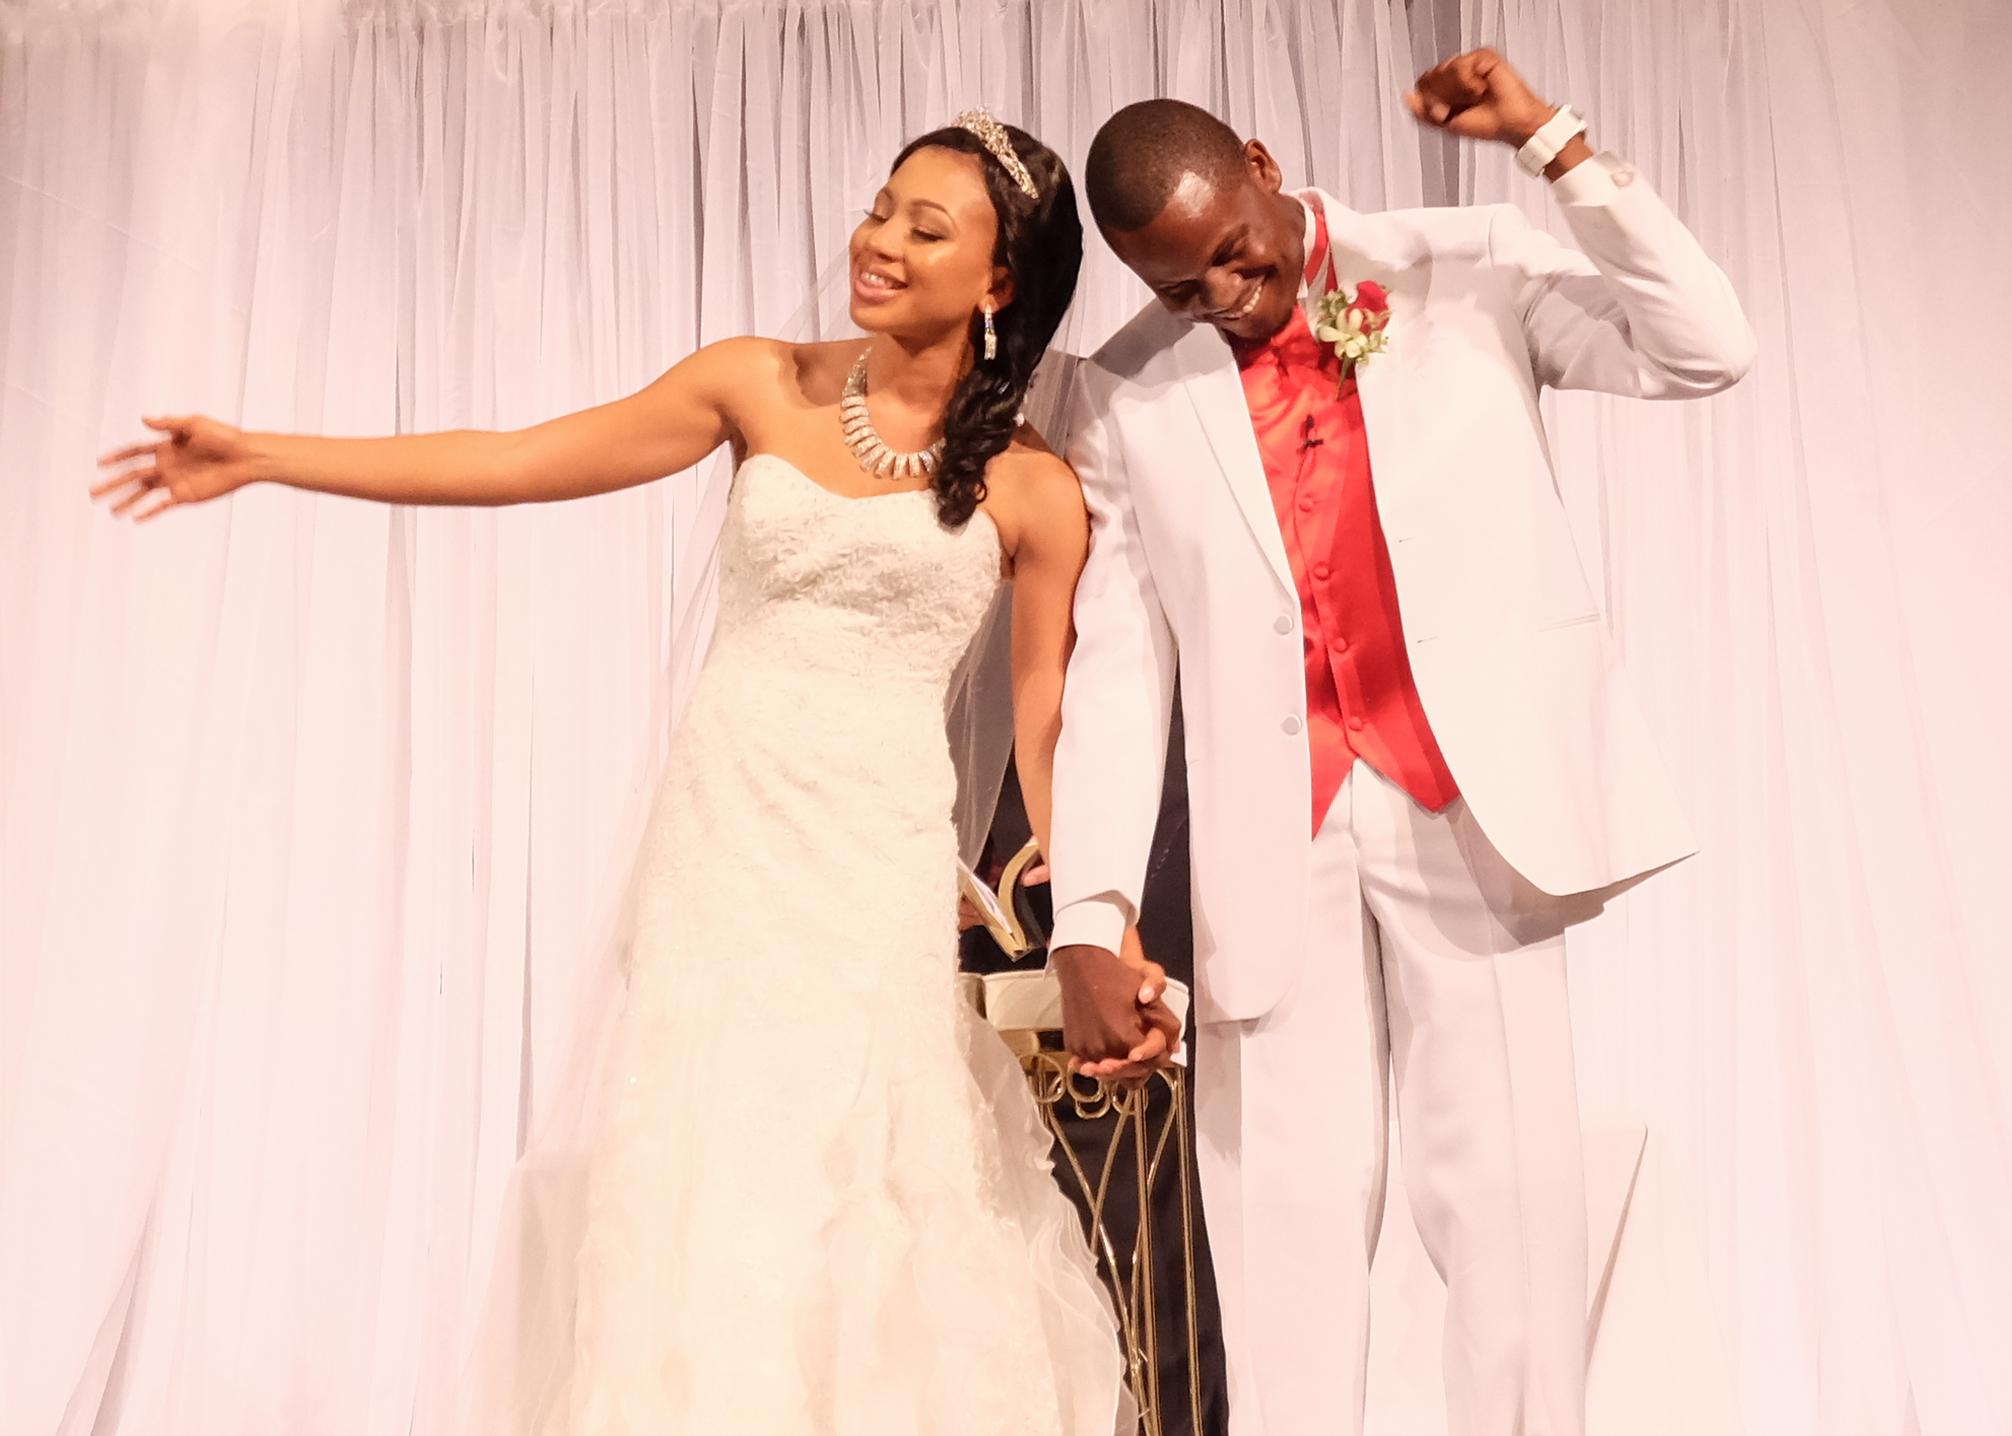 Weddings - Starts at $500